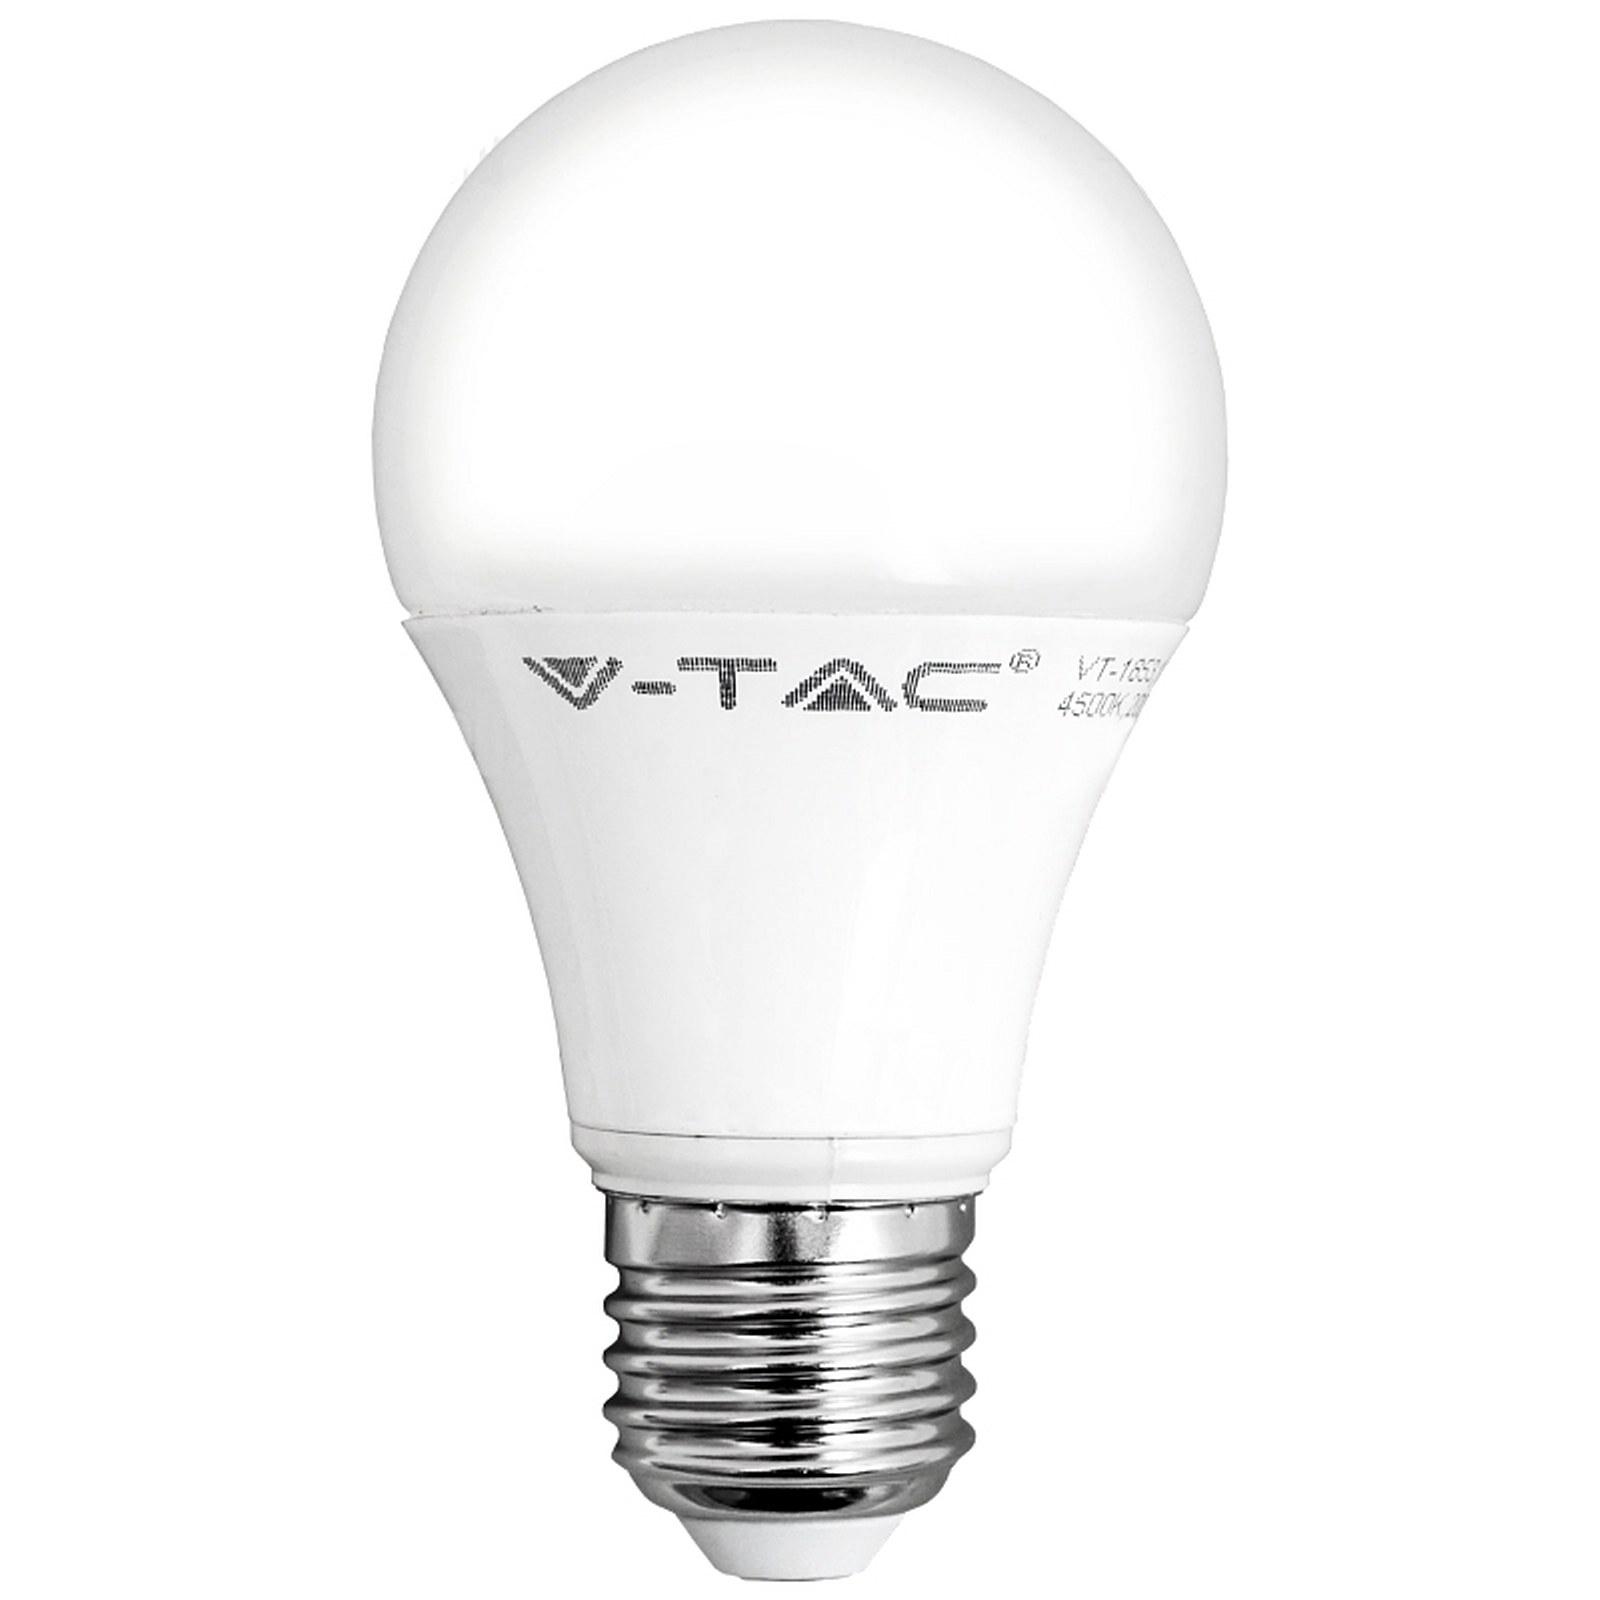 V-TAC - 4227 LED Крушка - 10W E27 A60 Термо Пластик 6400K